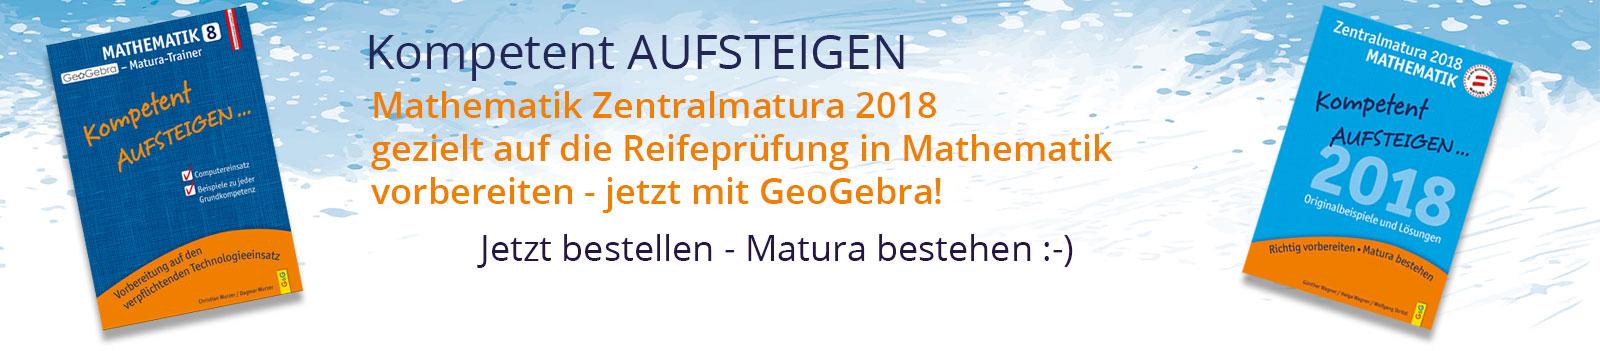 Zentralmatura 2018 mit GeoGebra